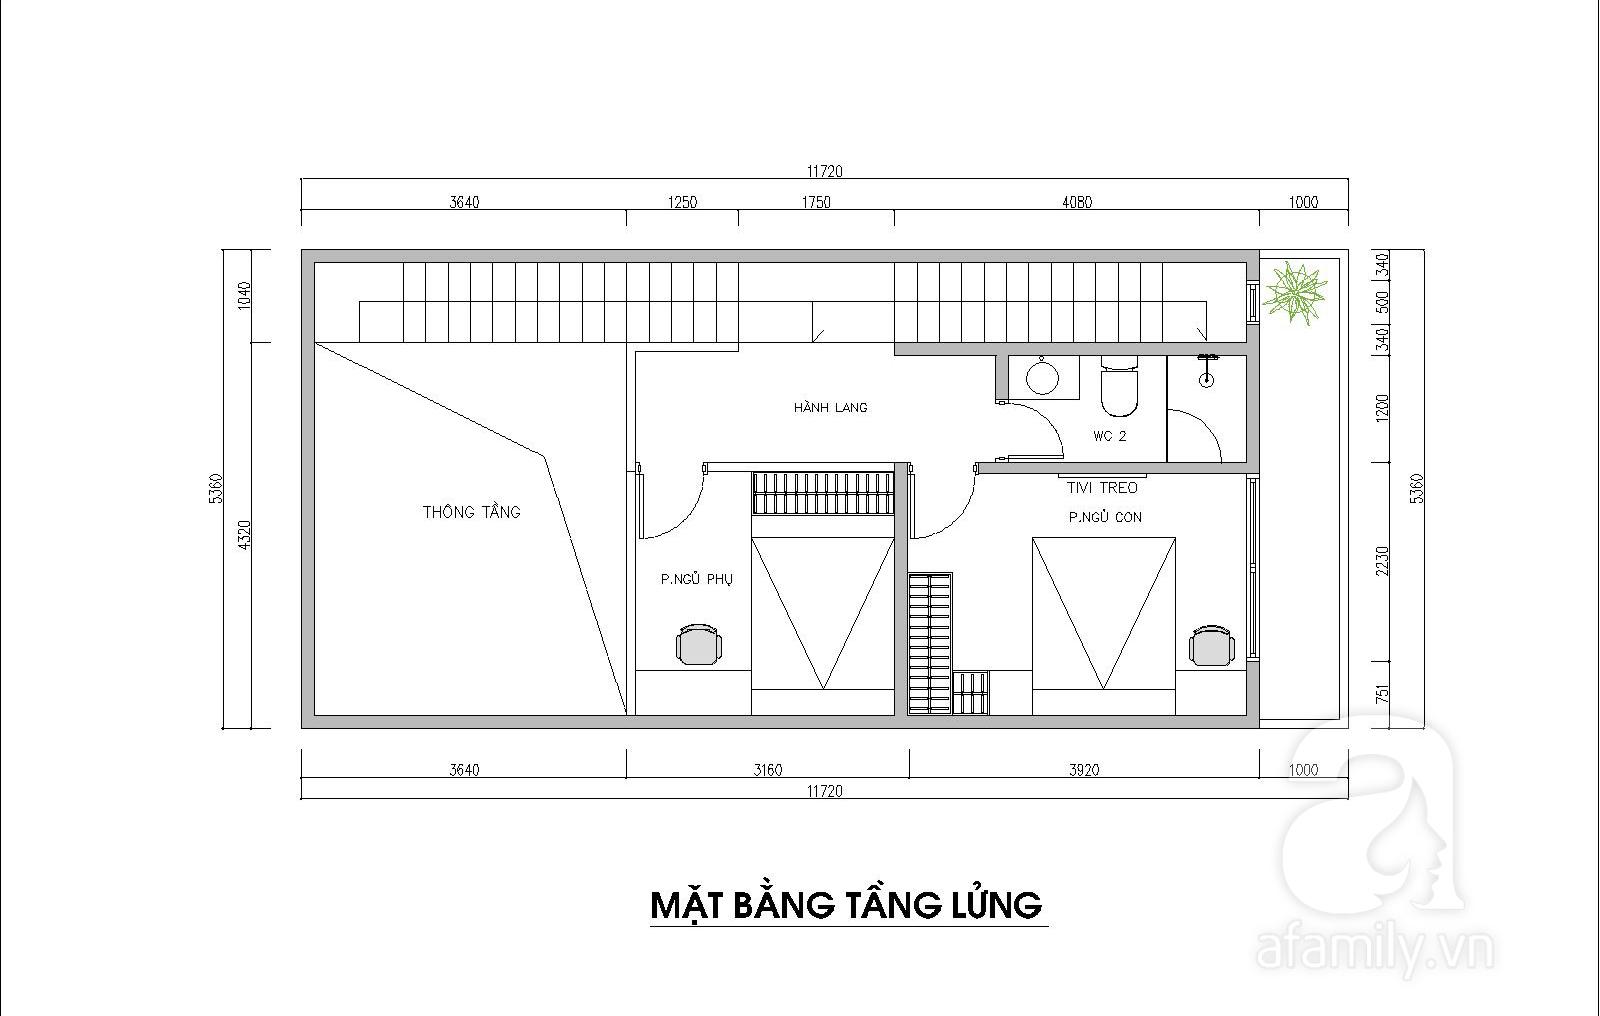 Kiến trúc sư tư vấn thiết kế hợp lý mẫu nhà ống 2 tầng diện tích nhỏ, đầy đủ tiện nghi cho gia đình 3 người với chi phí gần 200 triệu đồng - Ảnh 3.